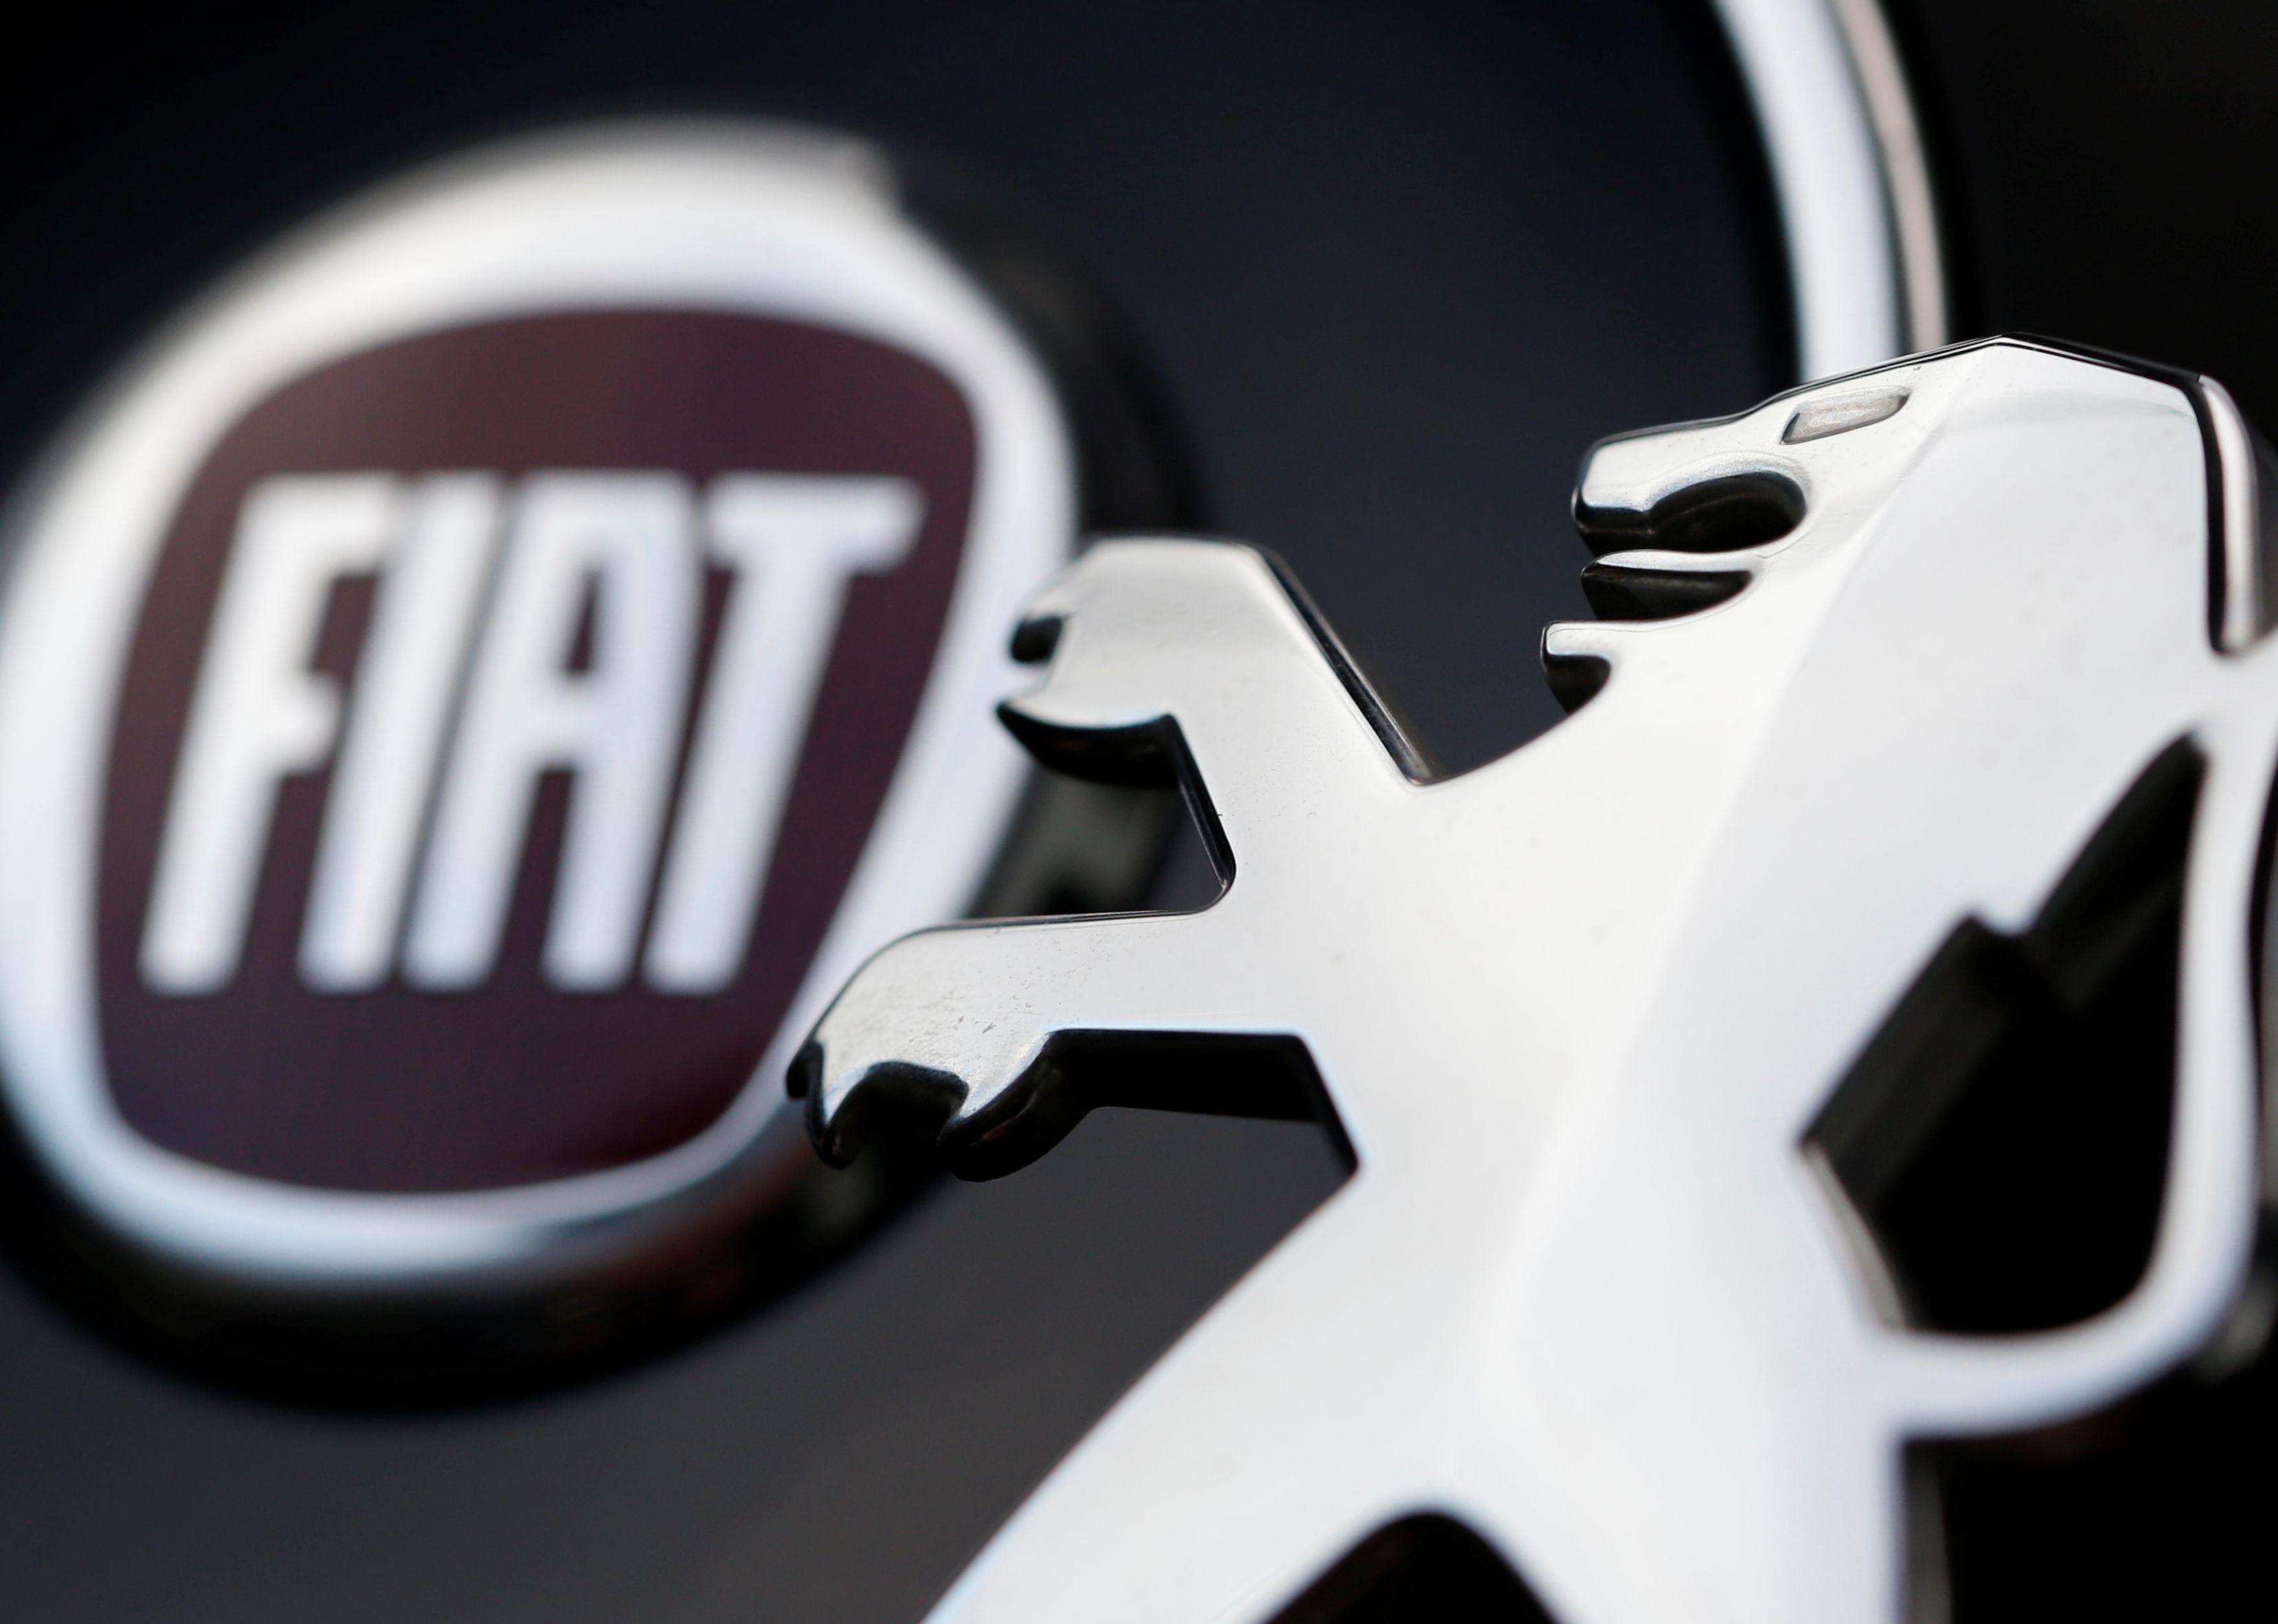 Fiat PSA logo